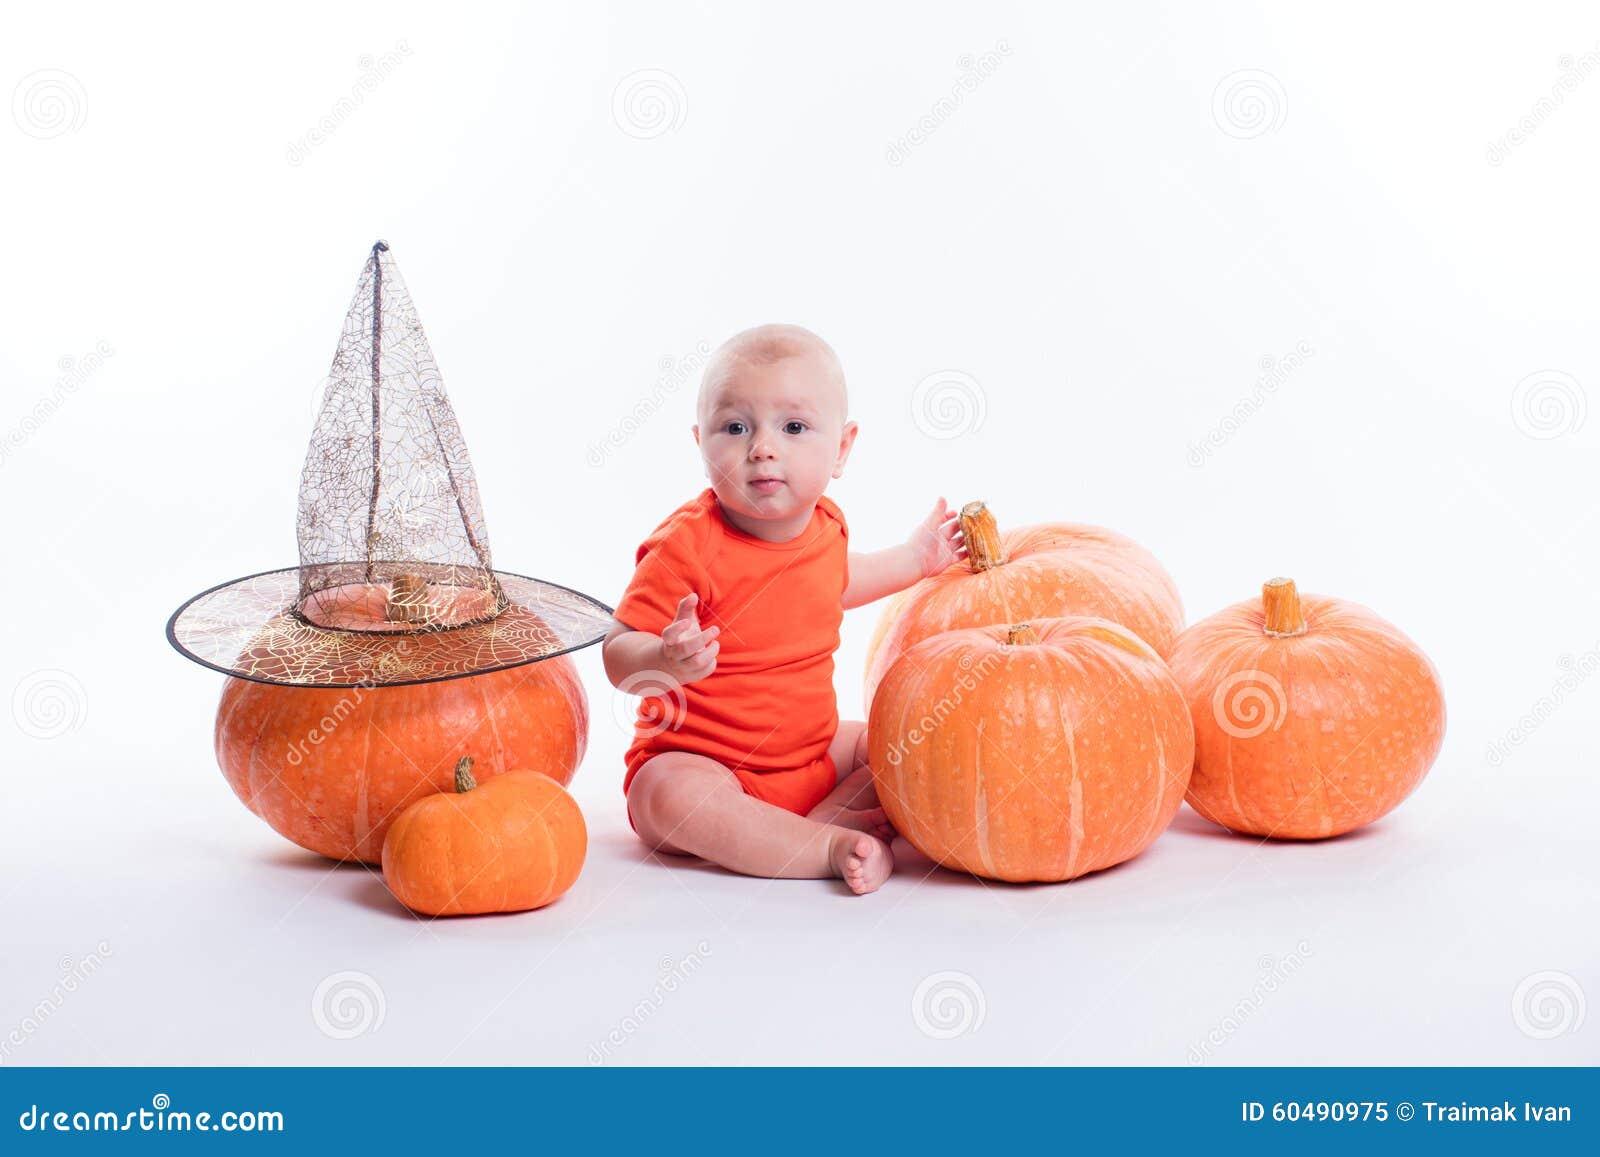 Dziecko w pomarańczowym koszulki obsiadaniu na białym tle otaczającym